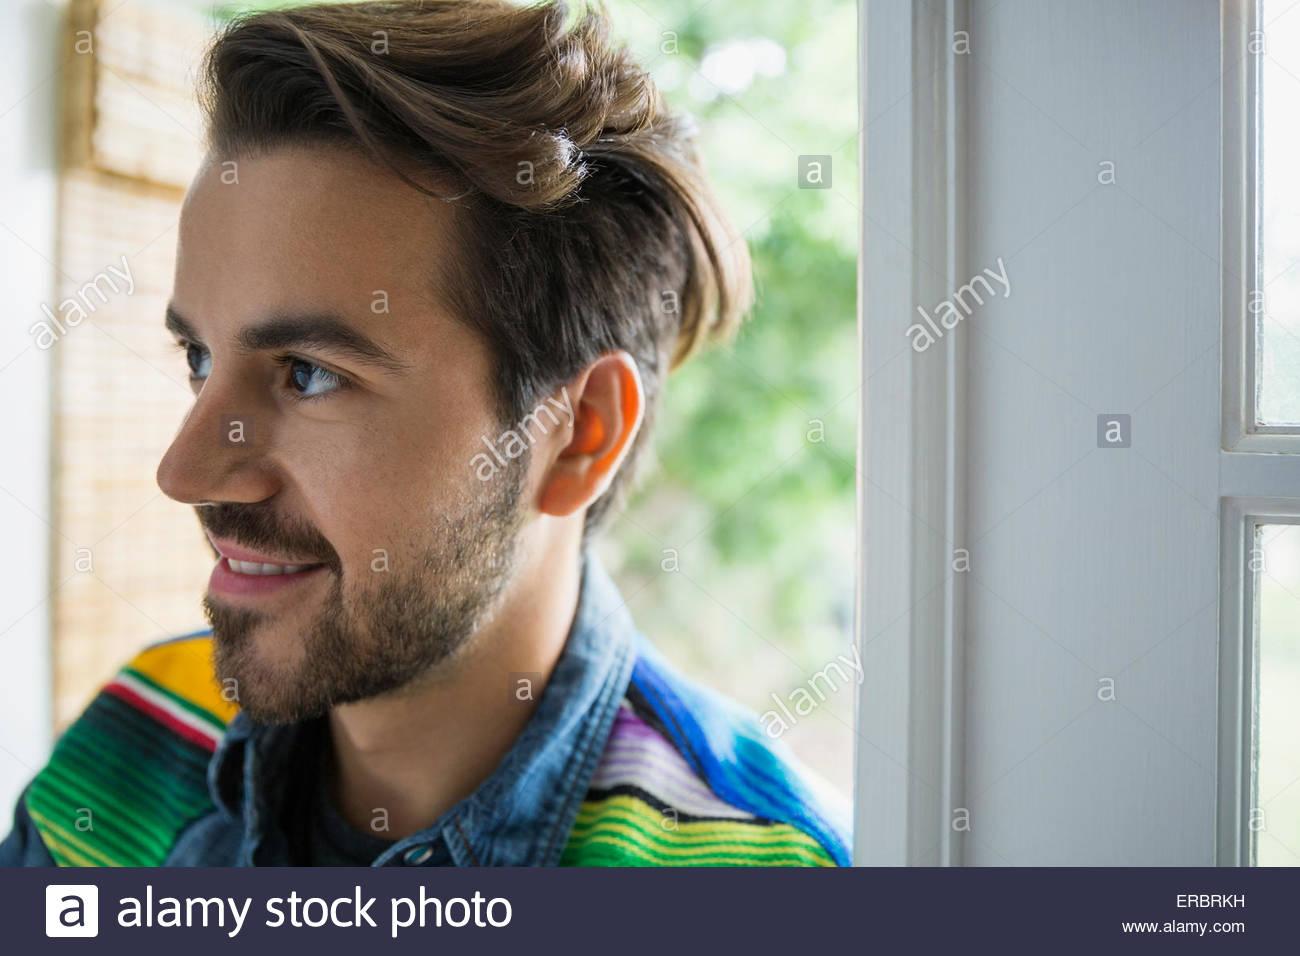 Smiling brunette man in doorway looking away - Stock Image